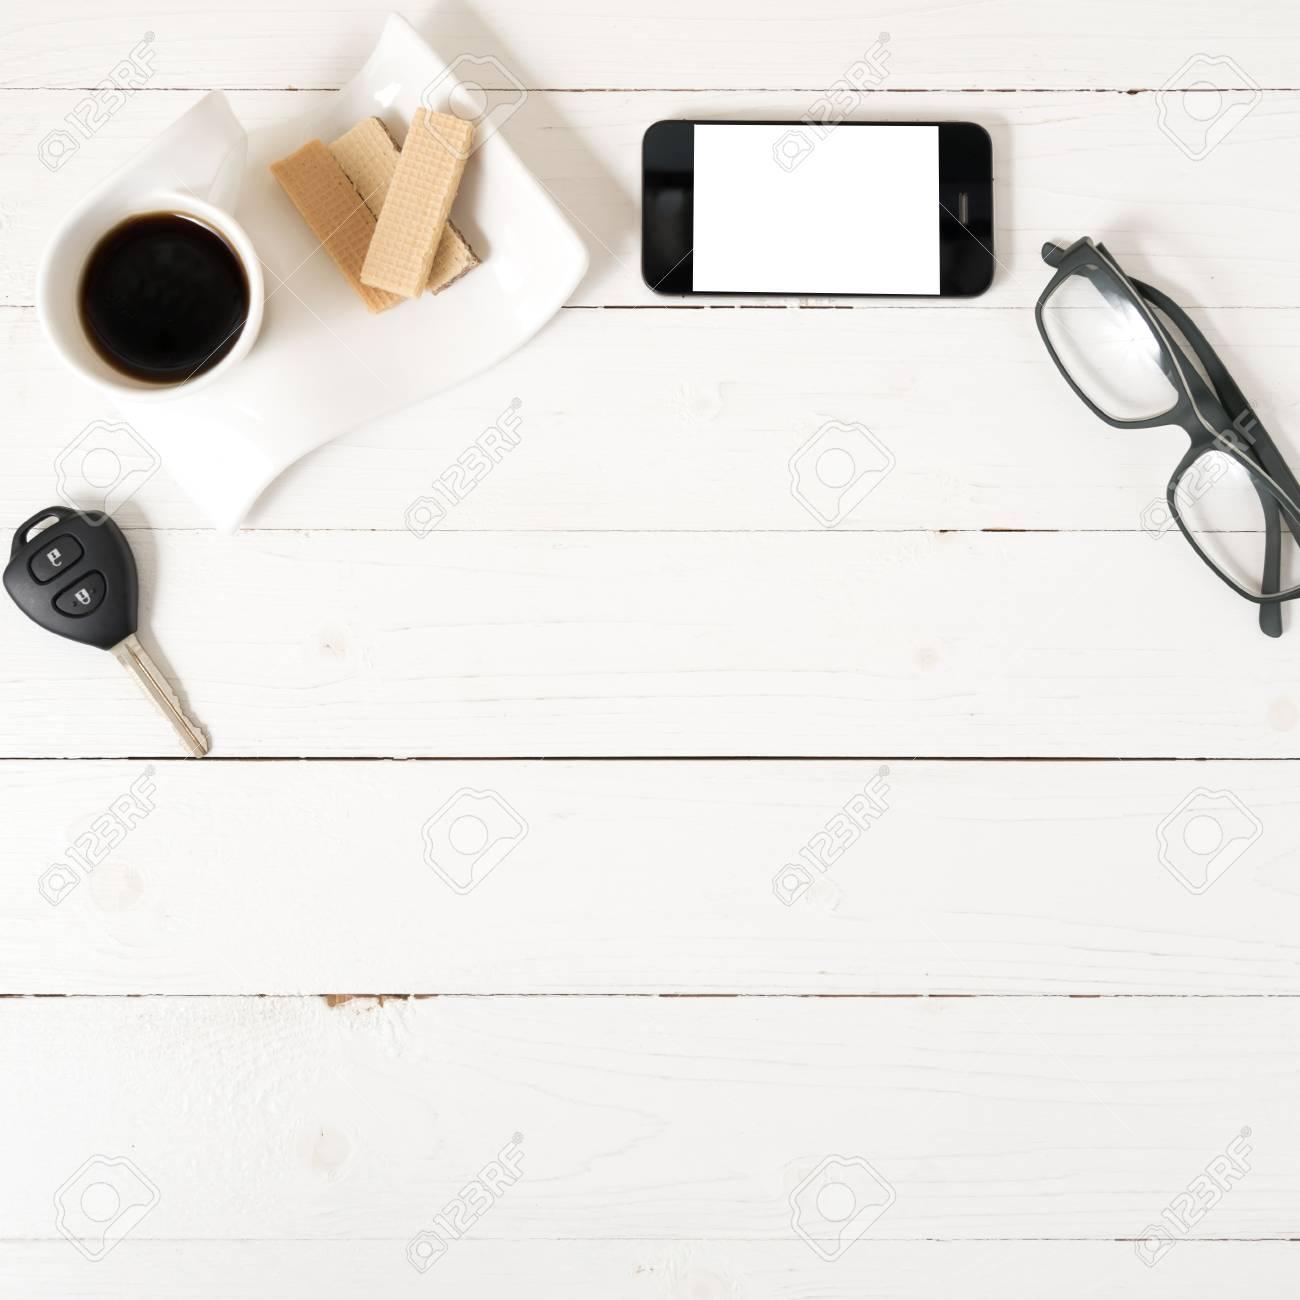 Immagini Stock Tazza Di Caffè Con Cialda Telefono Chiave Dell